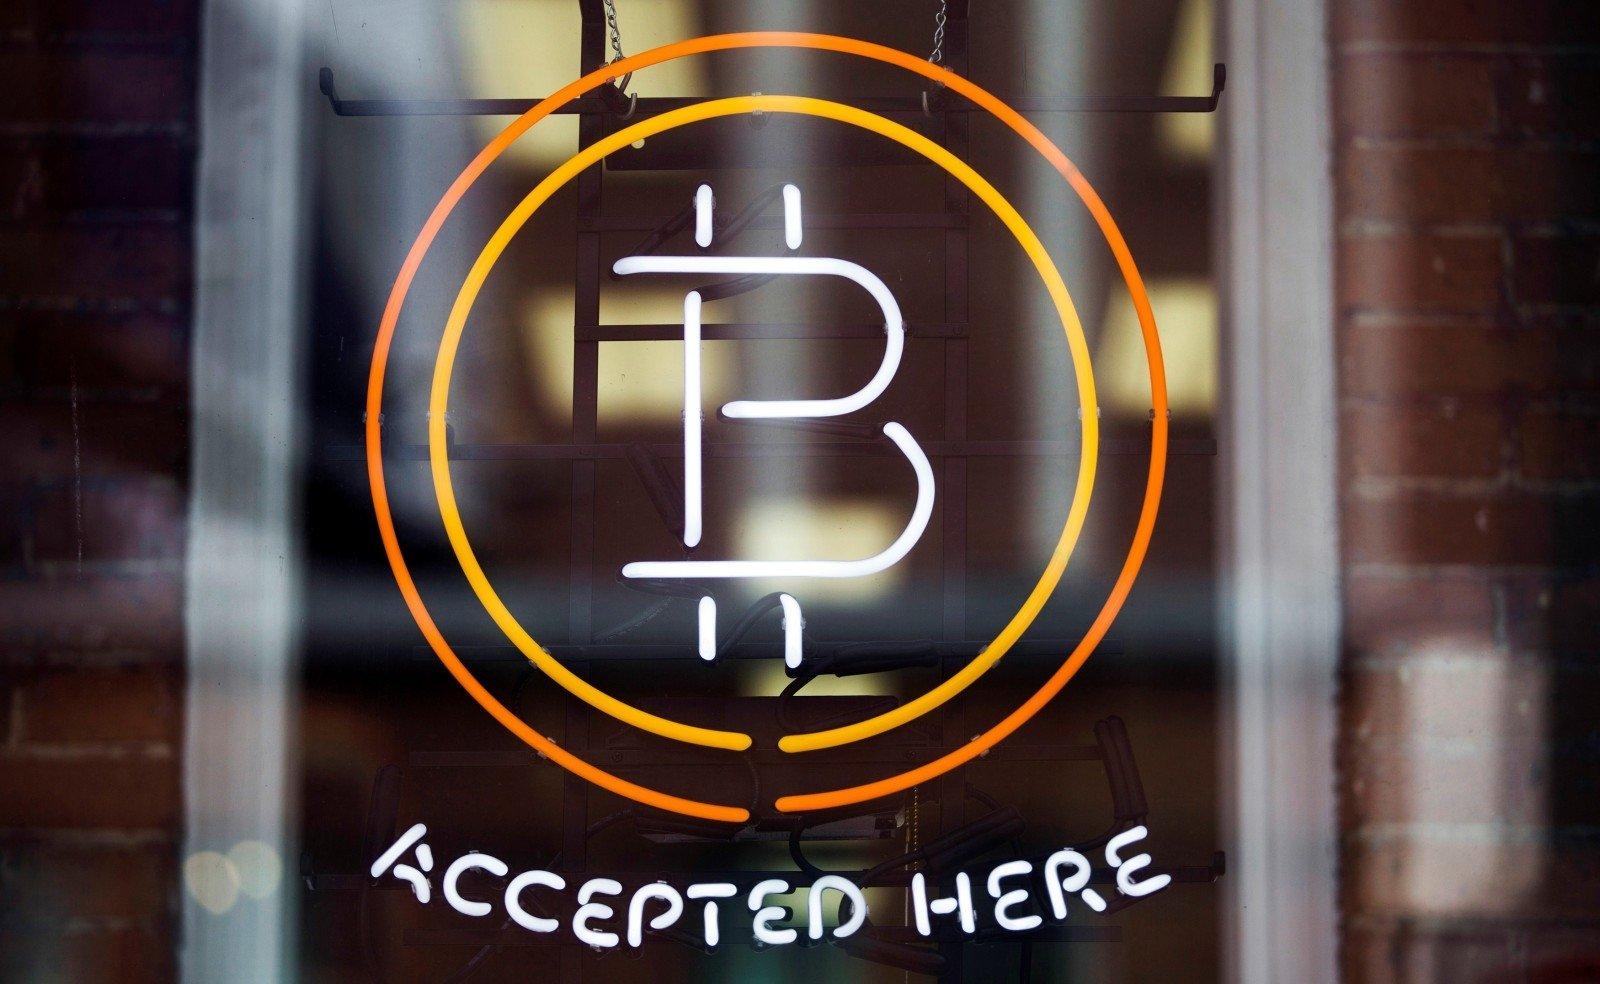 Bitcoin prekybos simbolis, taipogi šios keityklos...